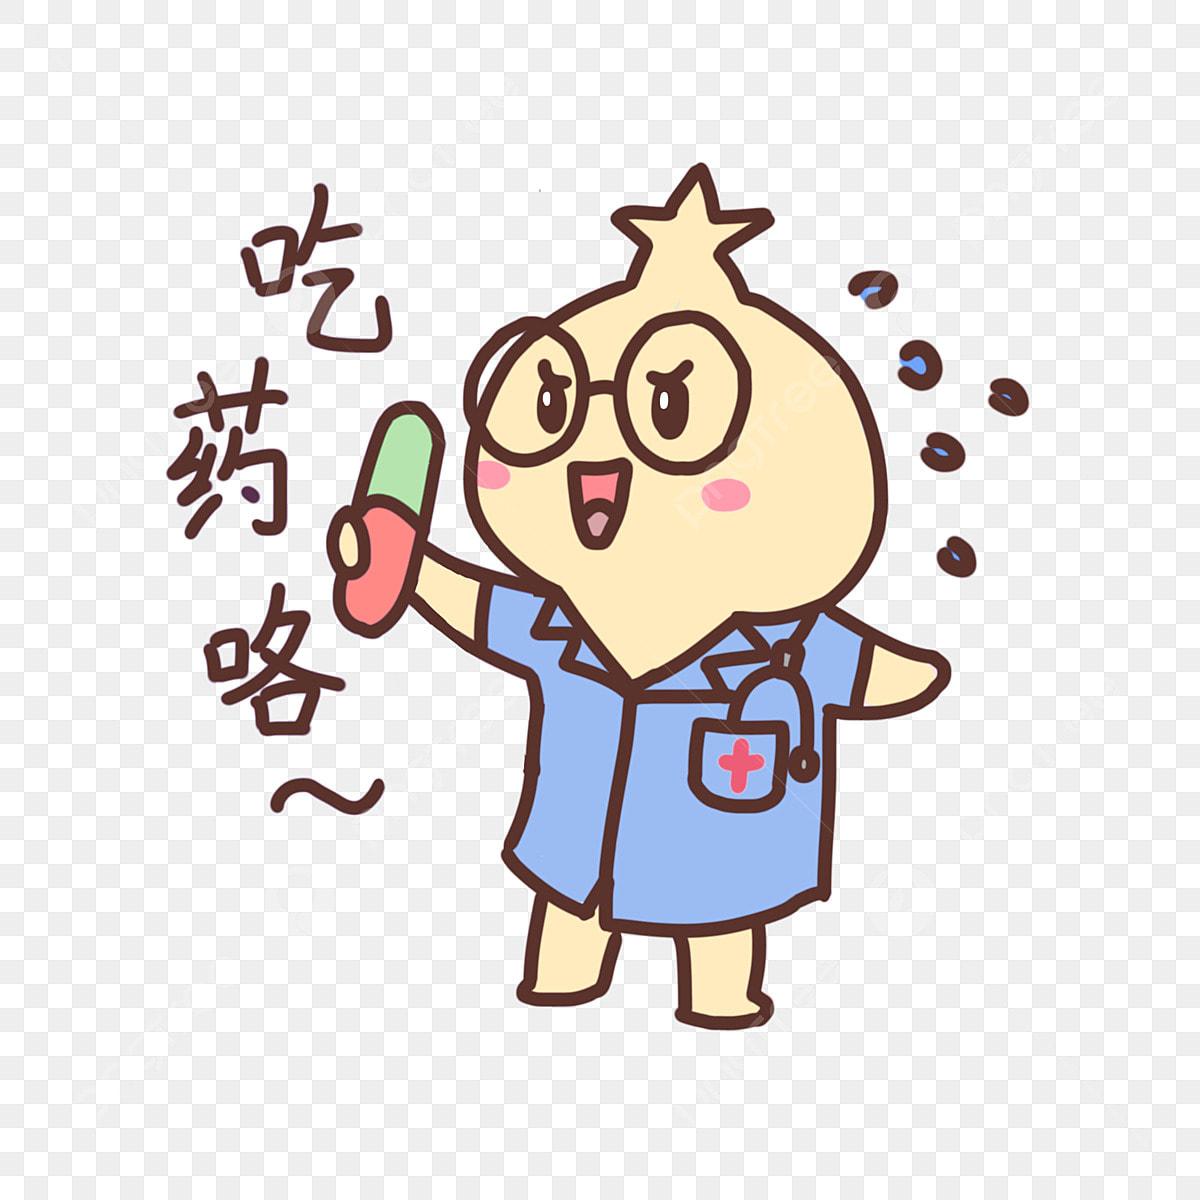 式を取る薬かわいい小さな医者絵文字パッケージ 医者の表現 絵文字イラスト 小さなかわいい 表情画像とpsd素材ファイルの無料ダウンロード Pngtree